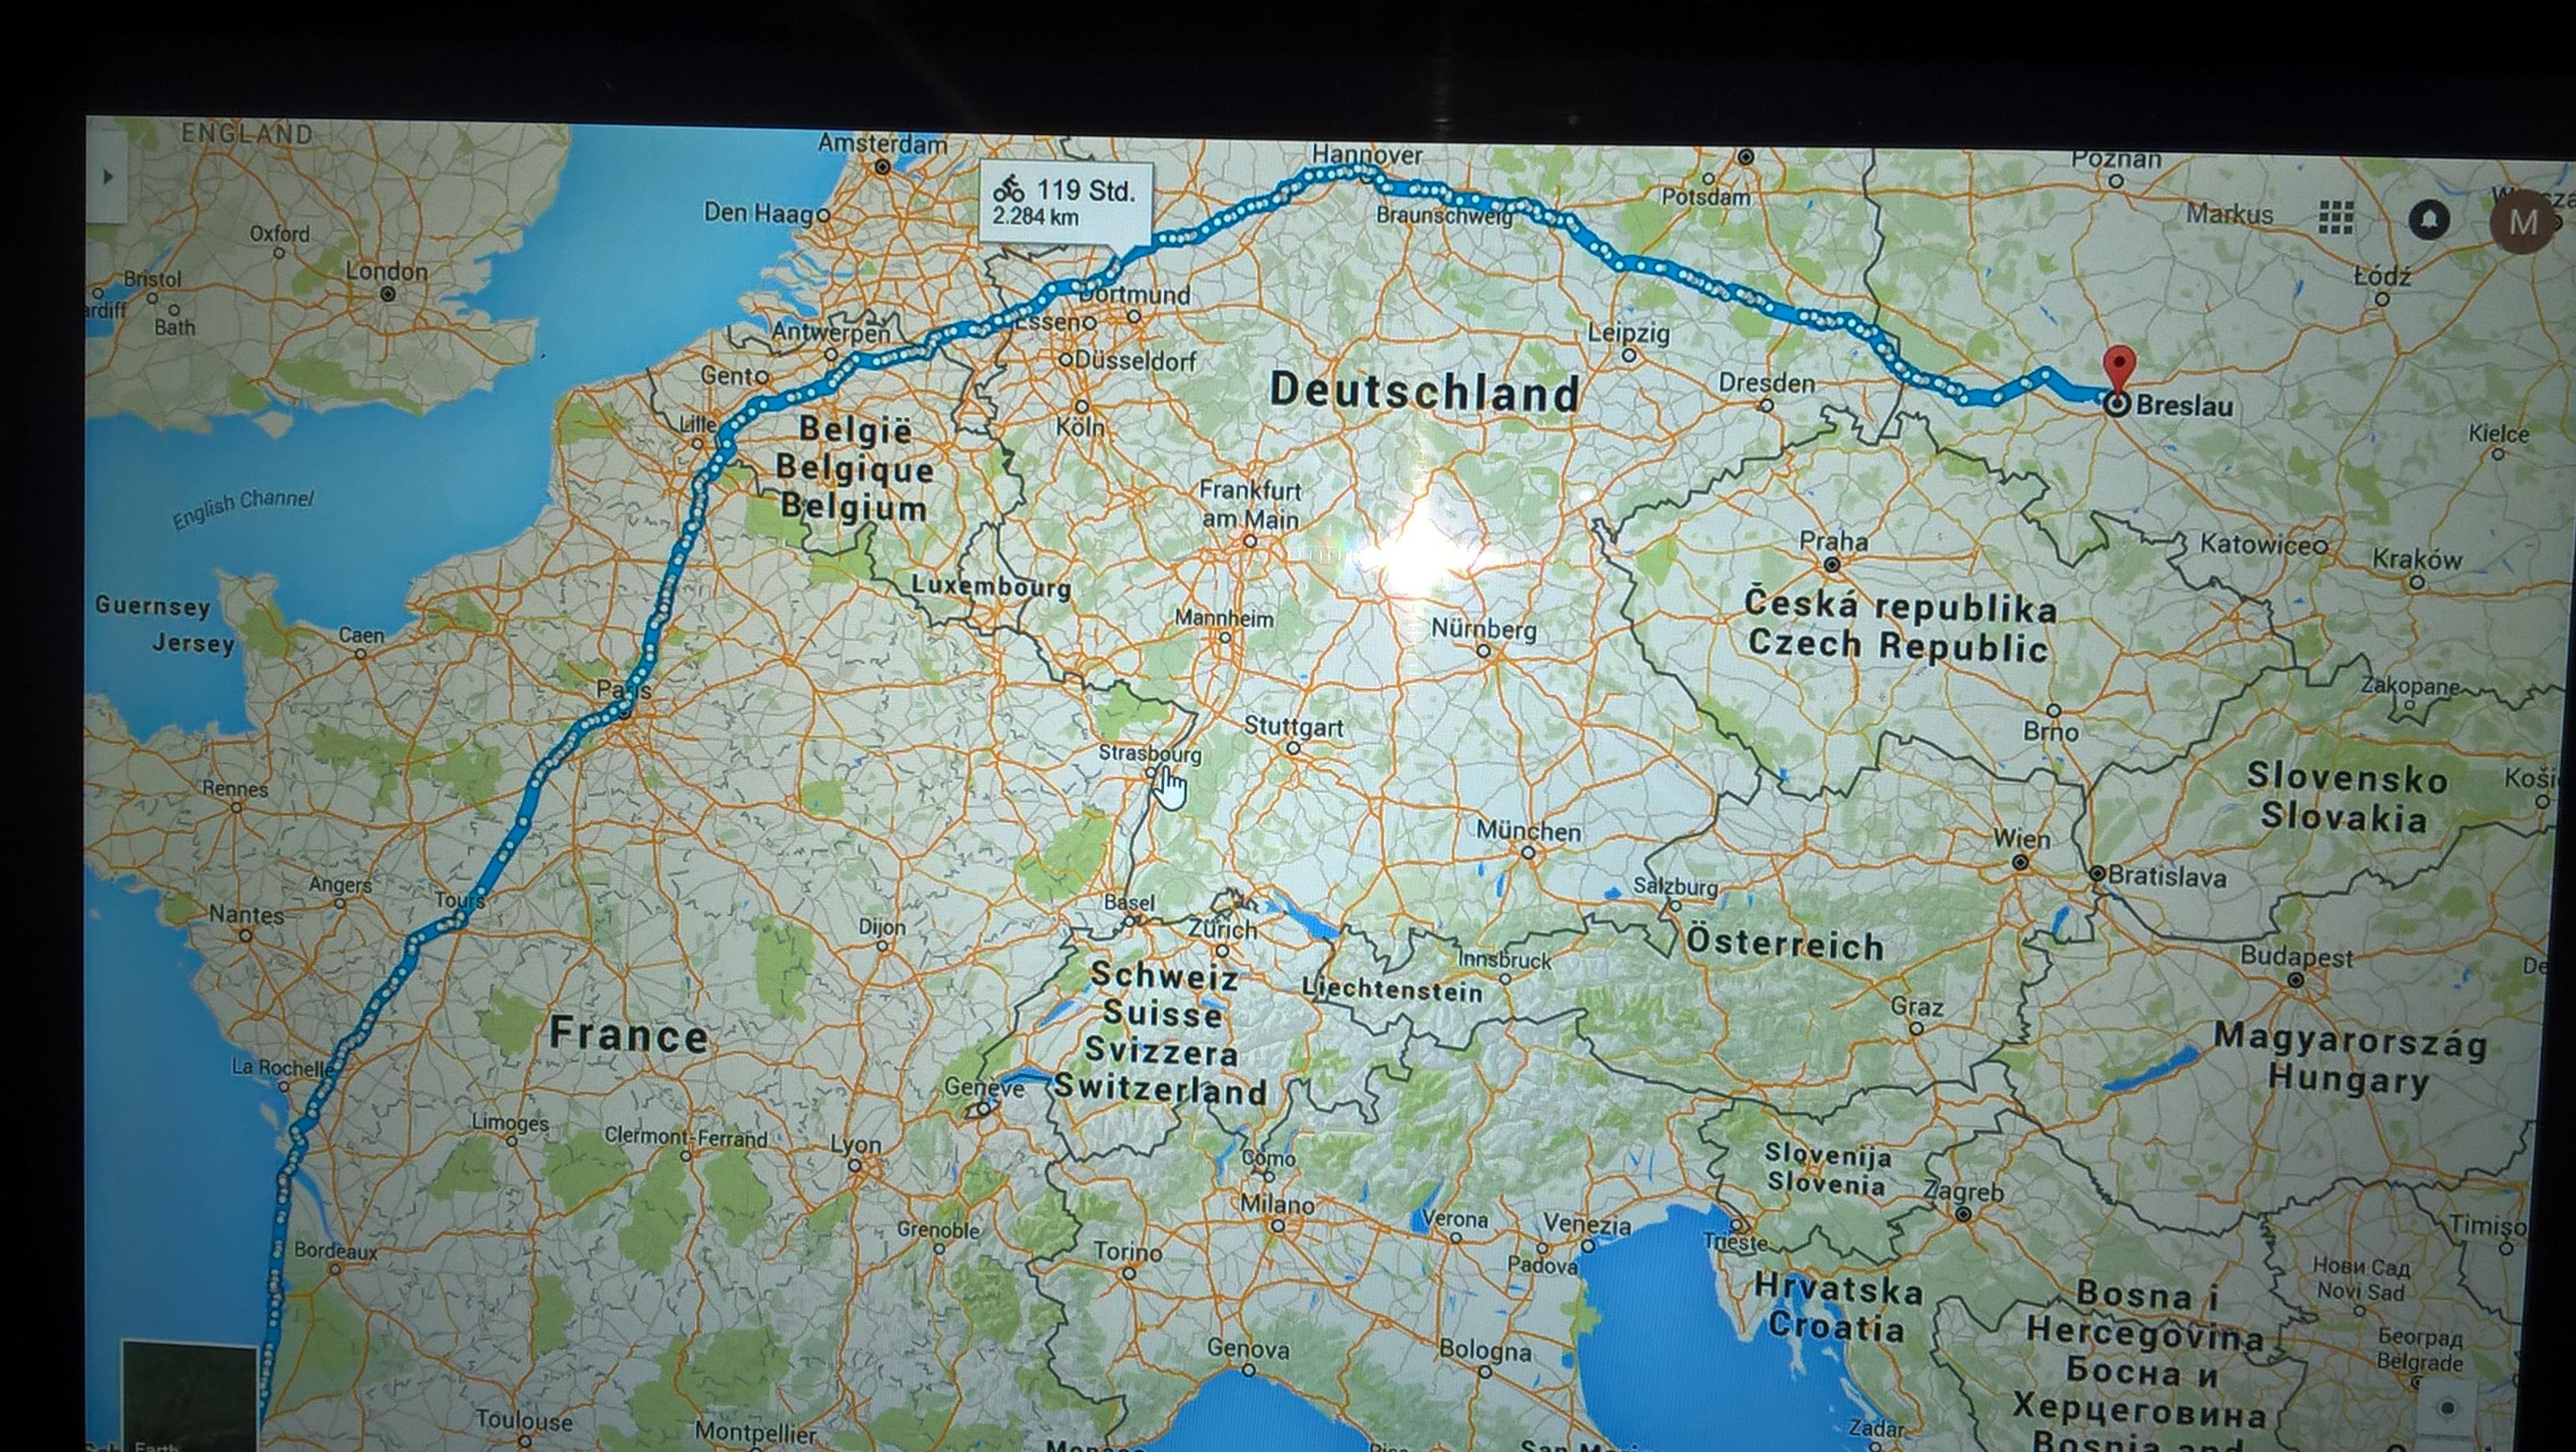 Eine etwas längere Strecke durch mehrere Länder und flacheren Landschaften.